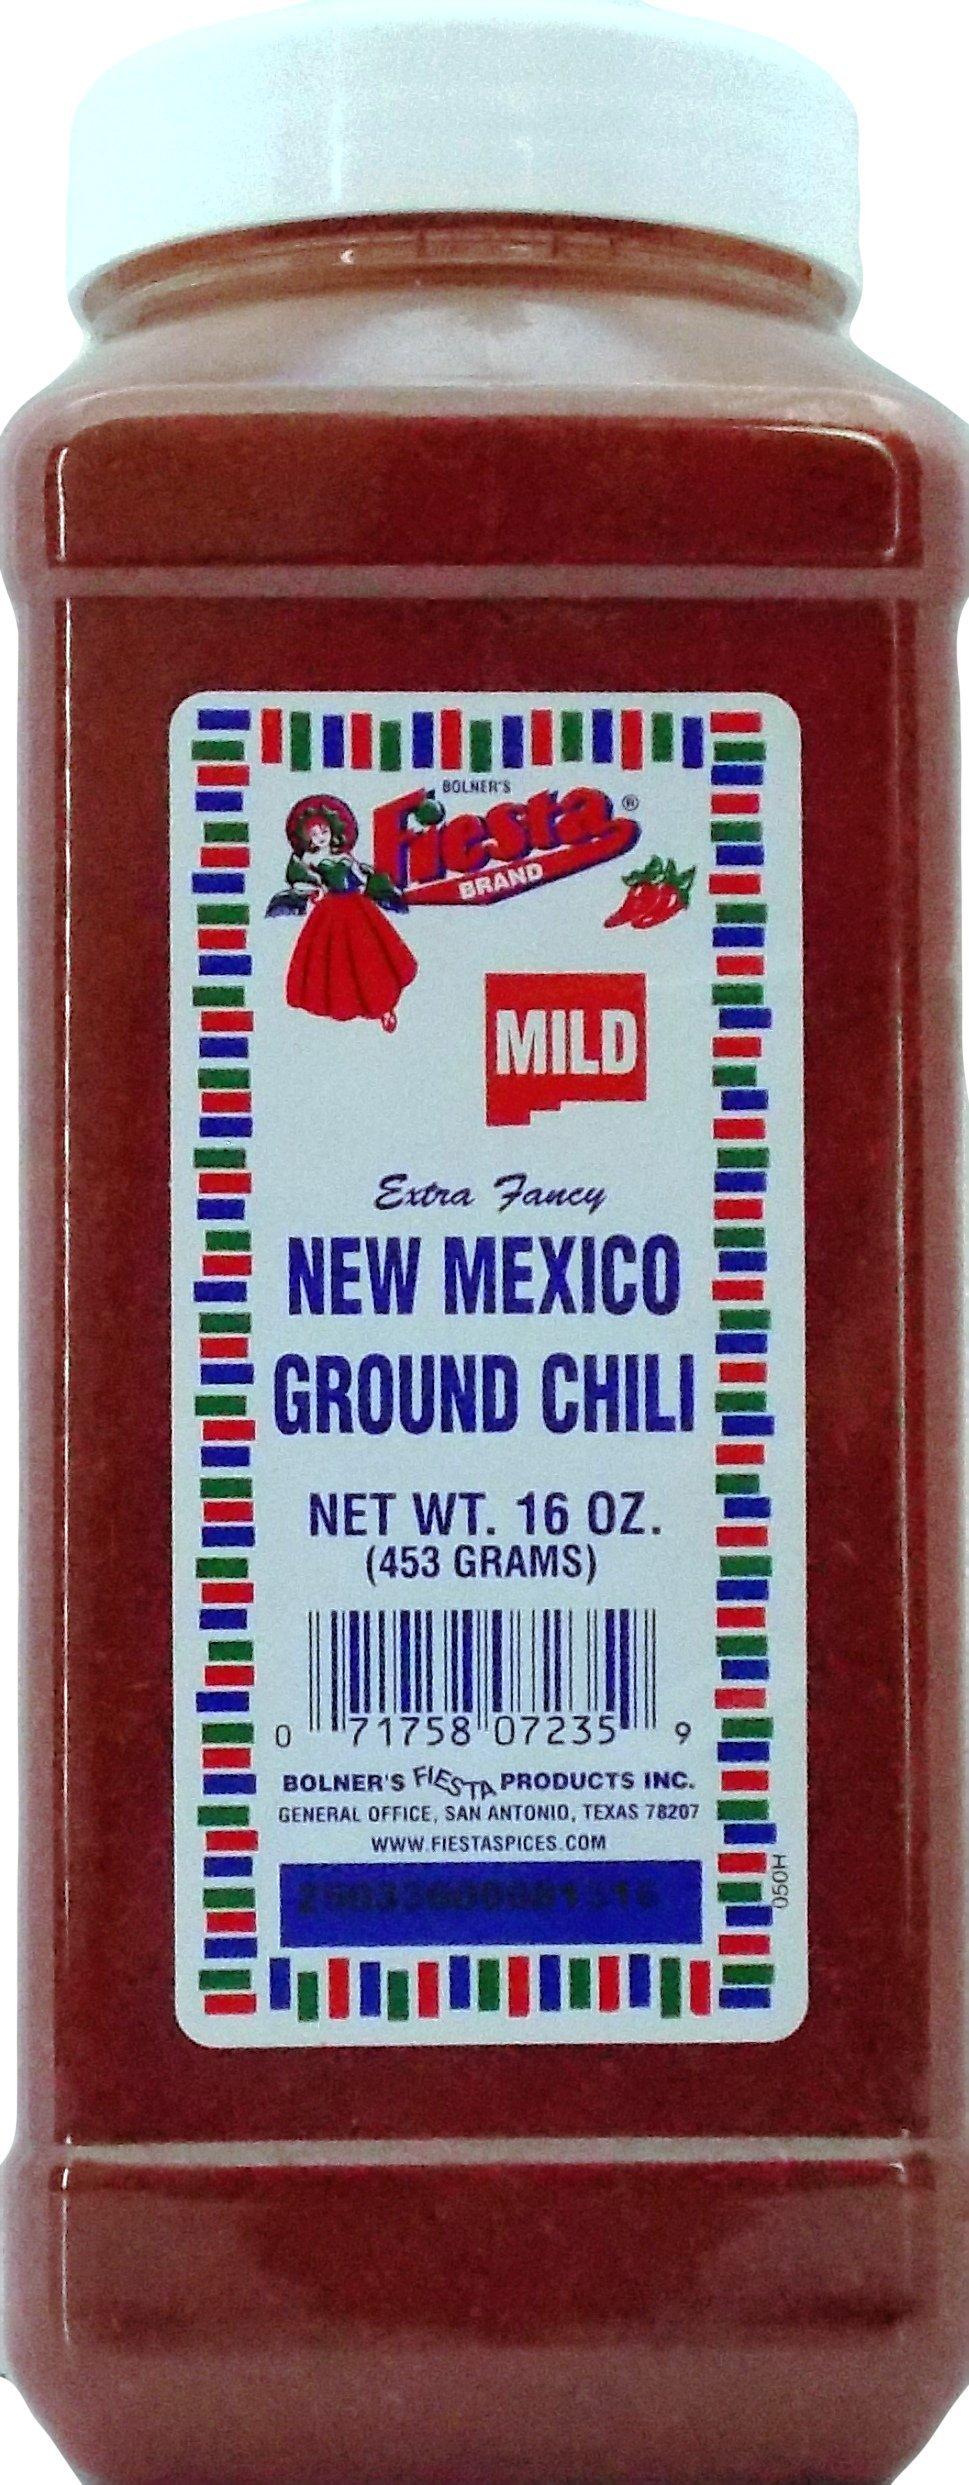 Bolner's Fiesta Extra Fancy Mild New Mexico Ground Chili, 16 Oz.